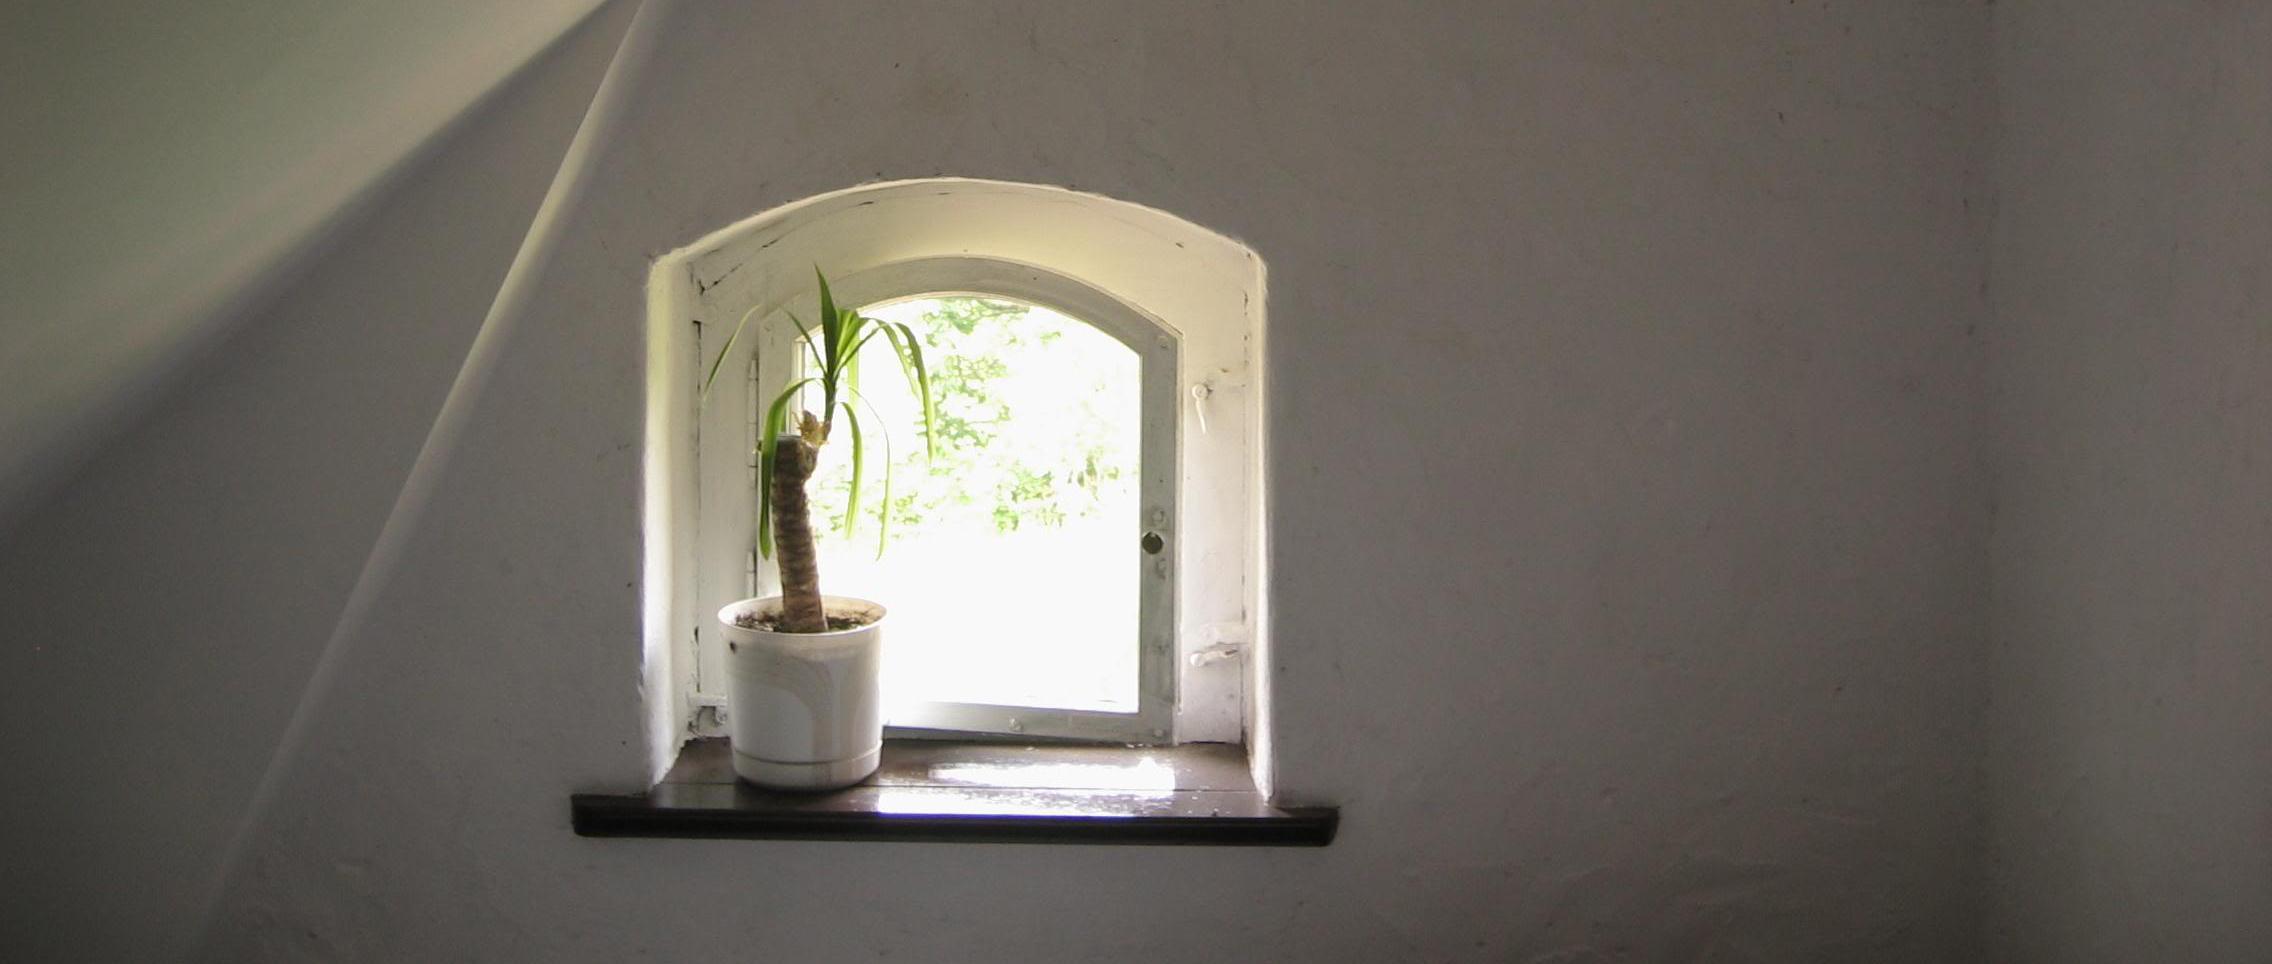 ventana secreta: